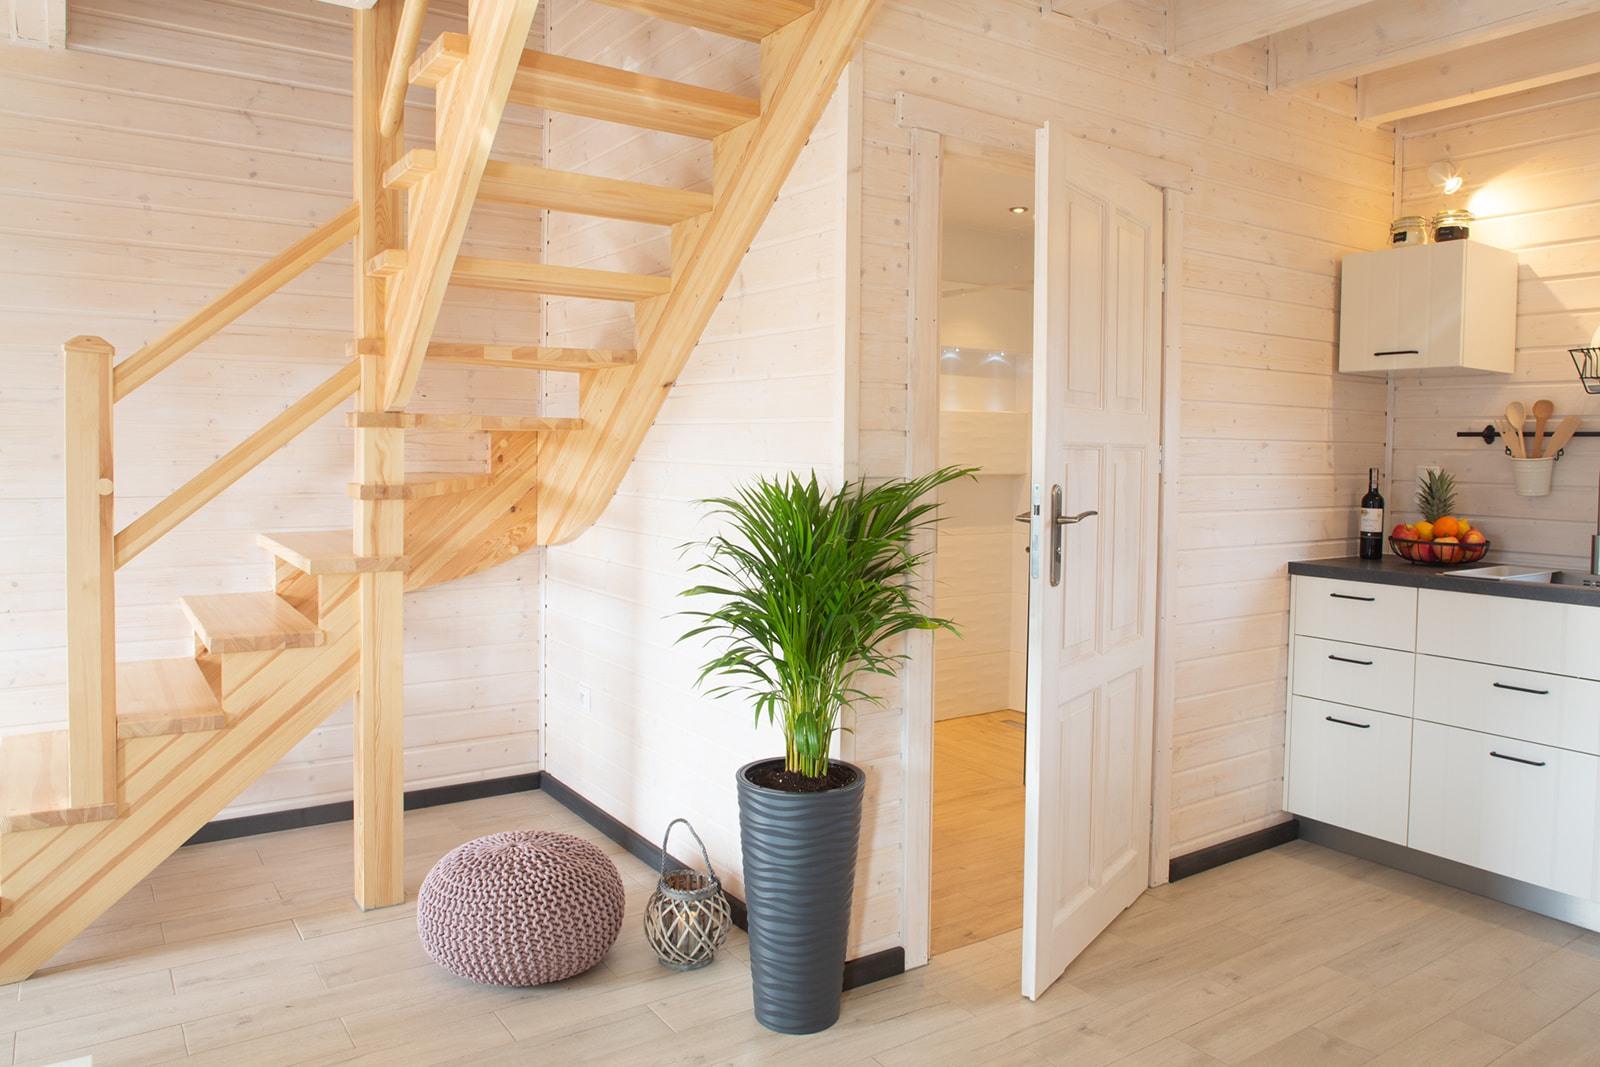 jezioro żywieckie noclegi, widok z jadalni, schody na piętro, wejście do łazienki, aneks kuchenny